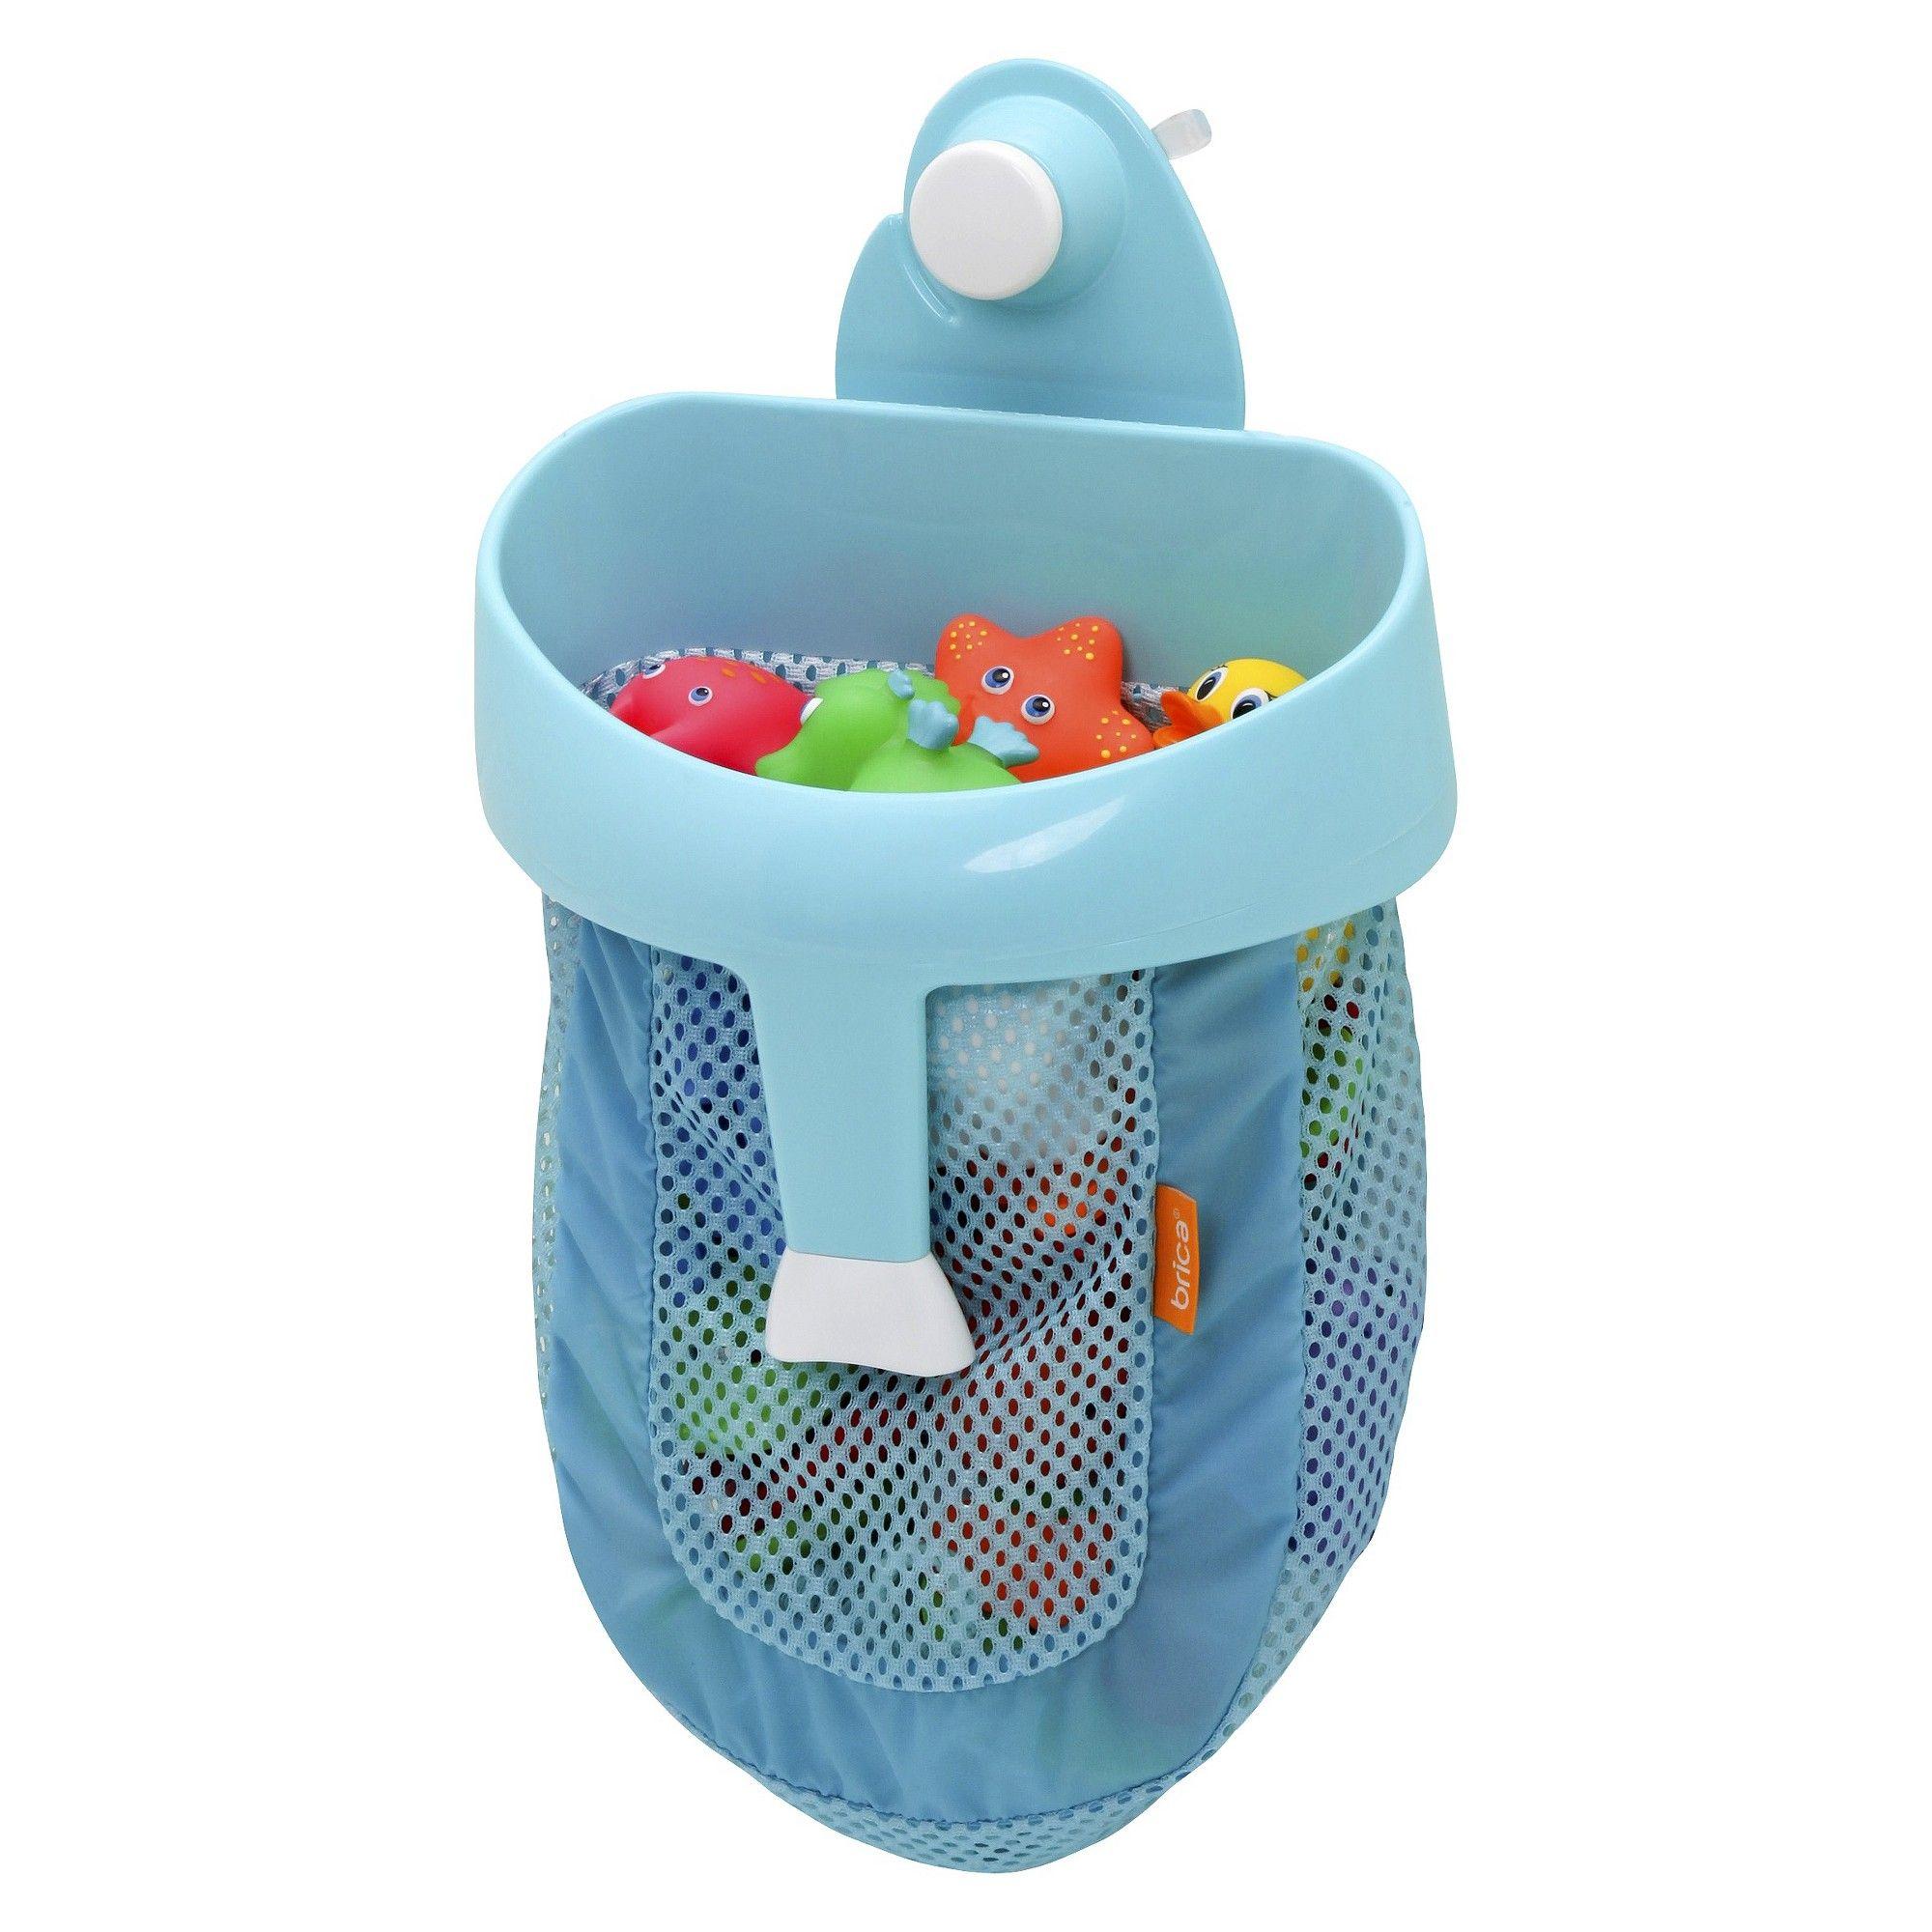 Brica Super Scoop Bath Toy Organizer with Wall Suction - Blue | Bath ...